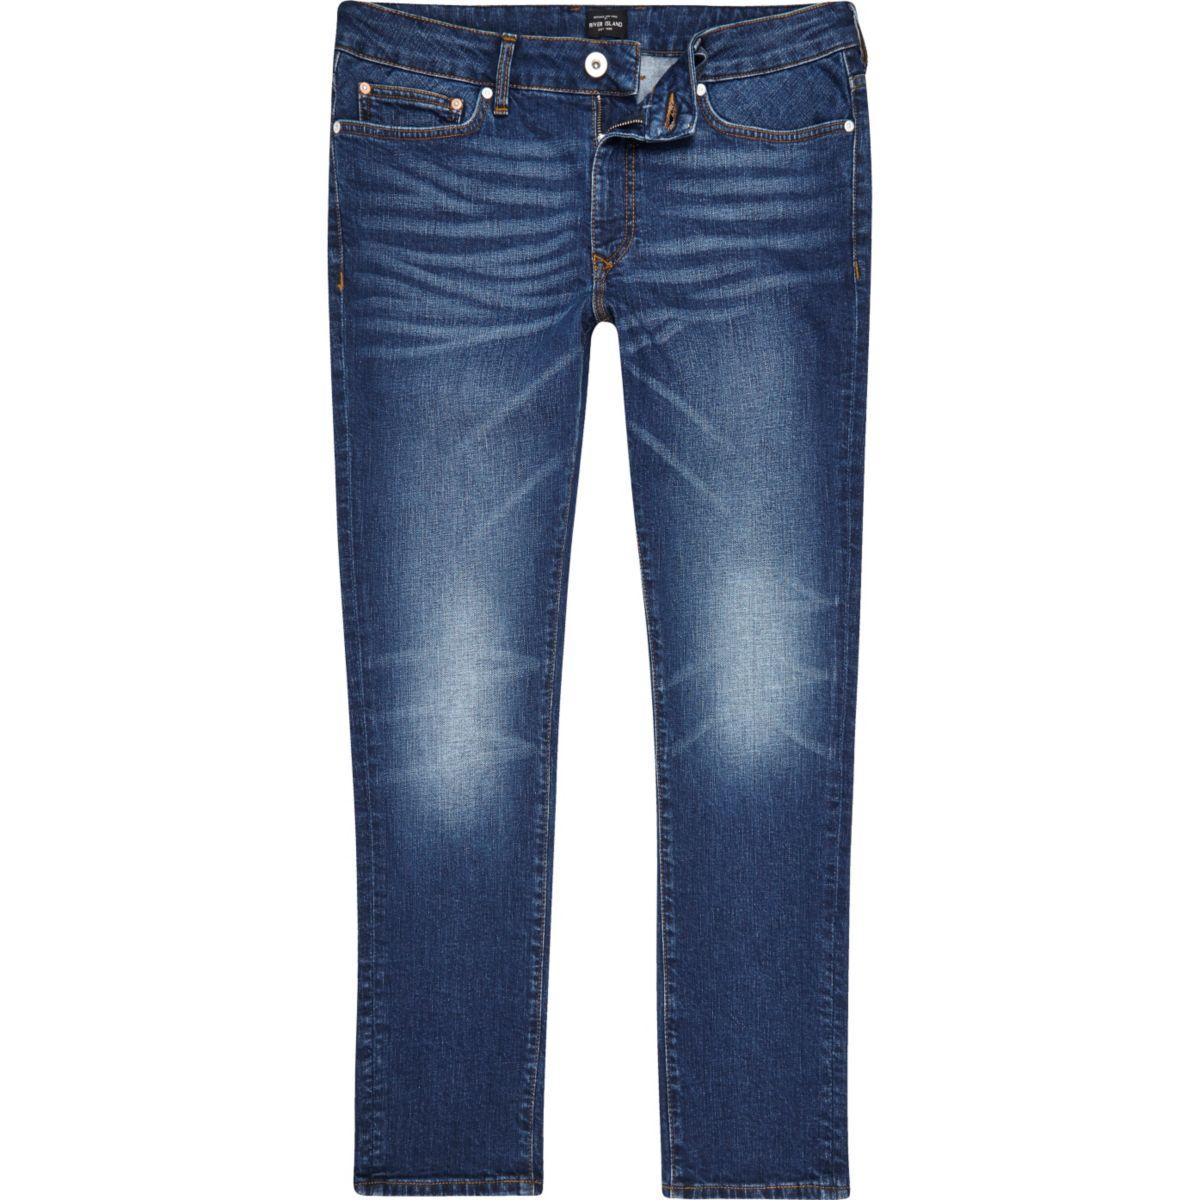 Mid blue wash slim fit Dylan jeans